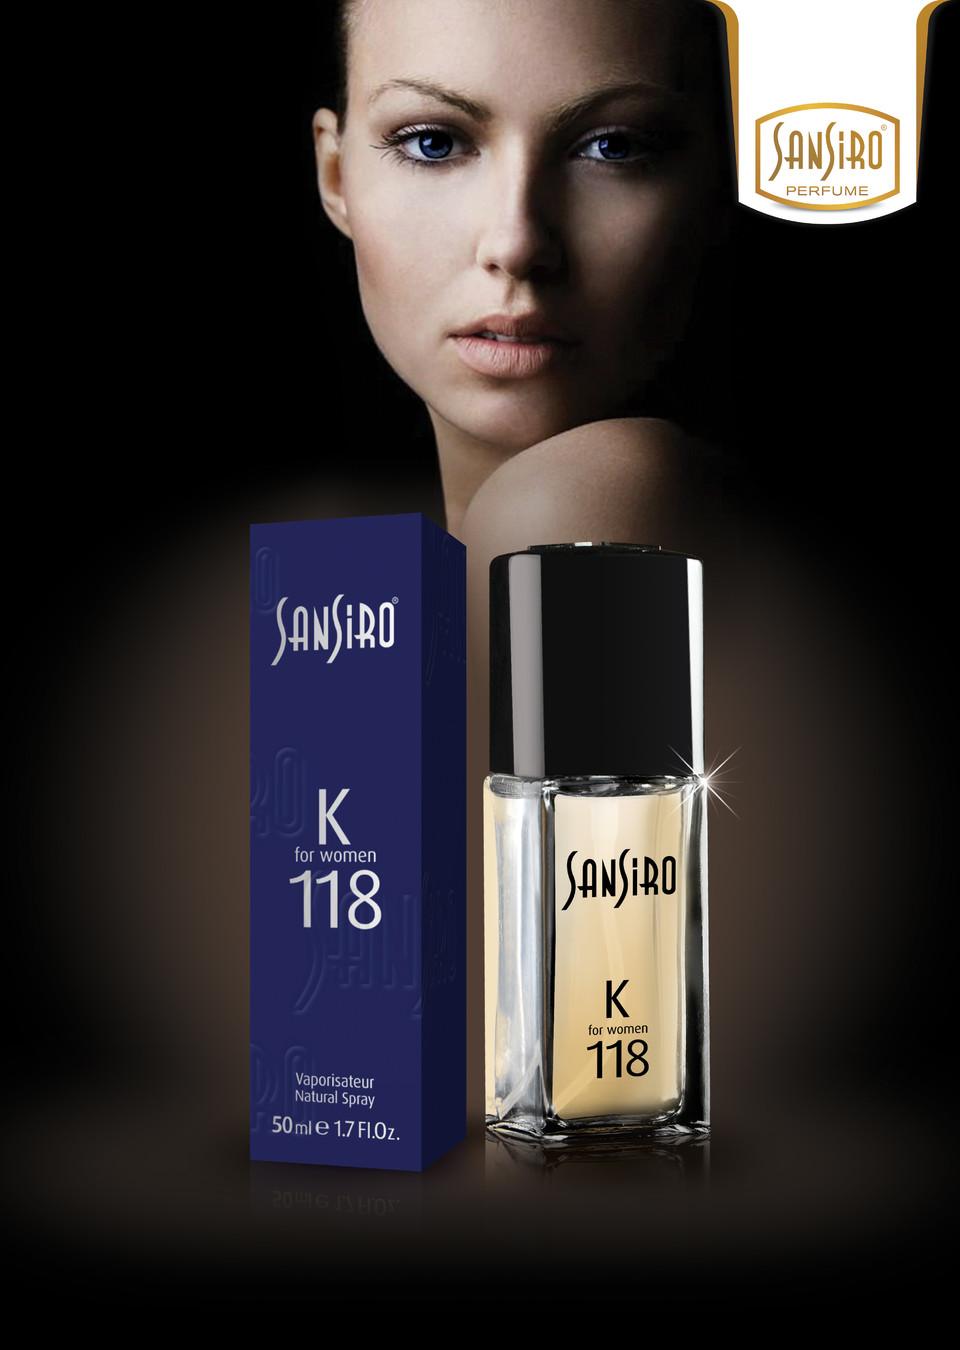 Sansiro Perfume - For Women - Iva (K118)